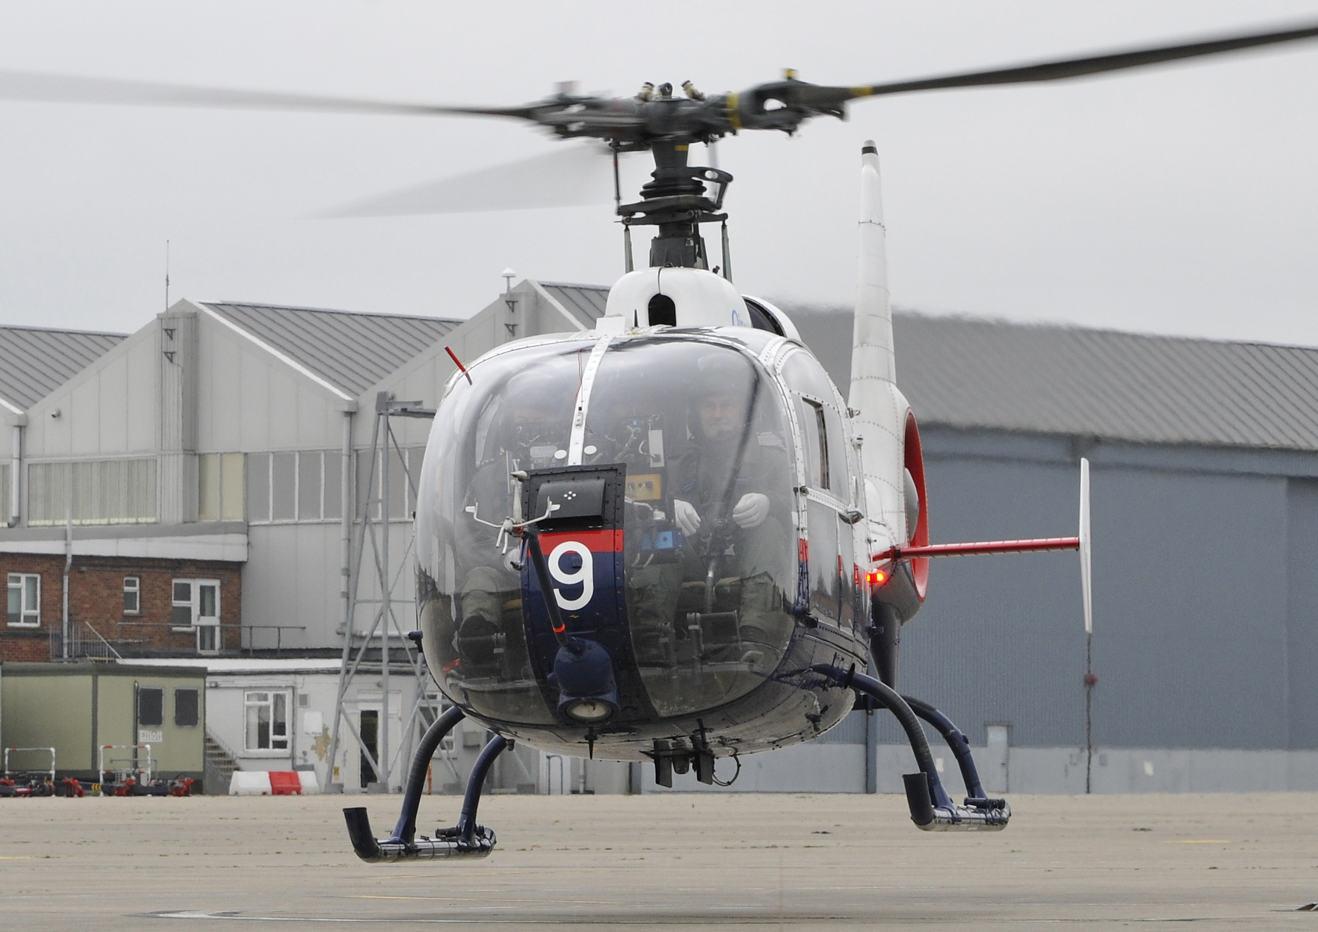 Des H125 pour l'Empire Test Pilot's School